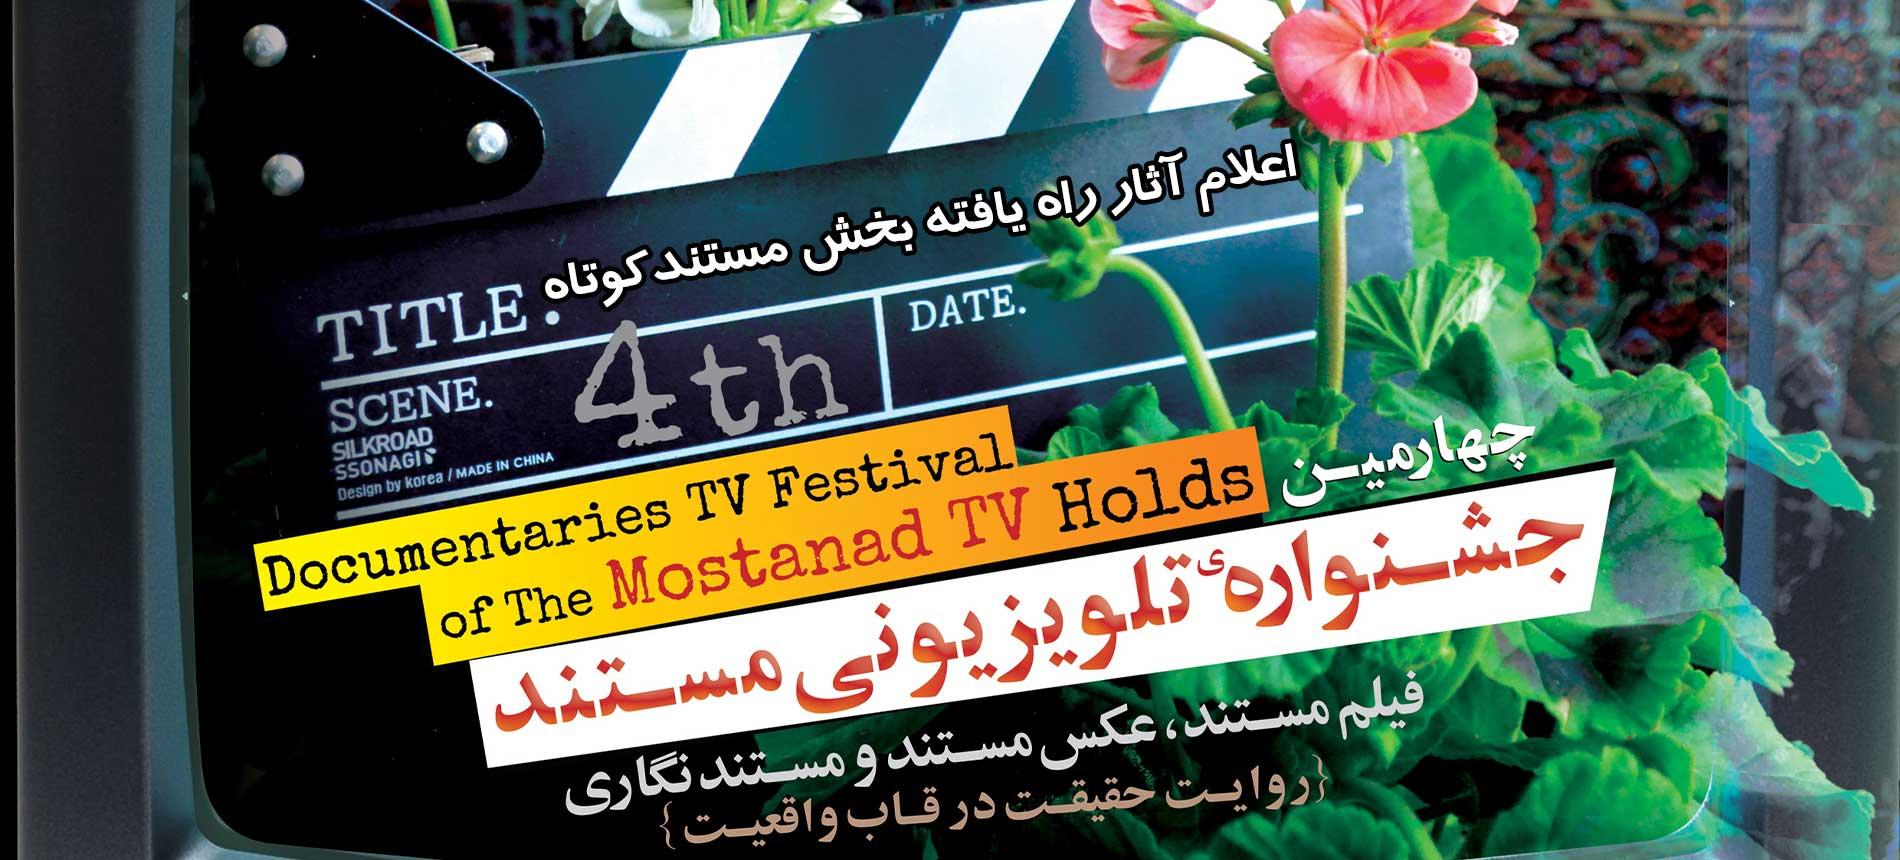 آثار مستند کوتاه راه یافته به بخش مسابقه چهارمین جشنواره تلویزیونی مستند مشخص شدند.